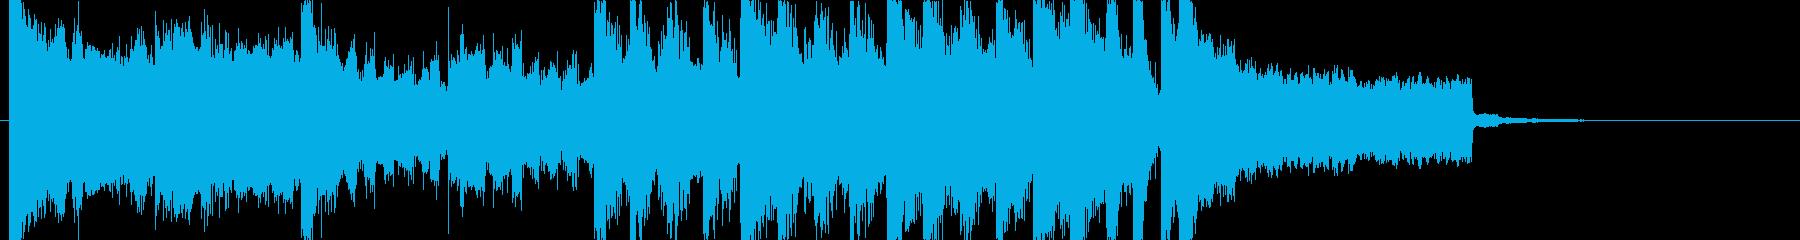 レトロなヒーローのオープニングジングルcの再生済みの波形